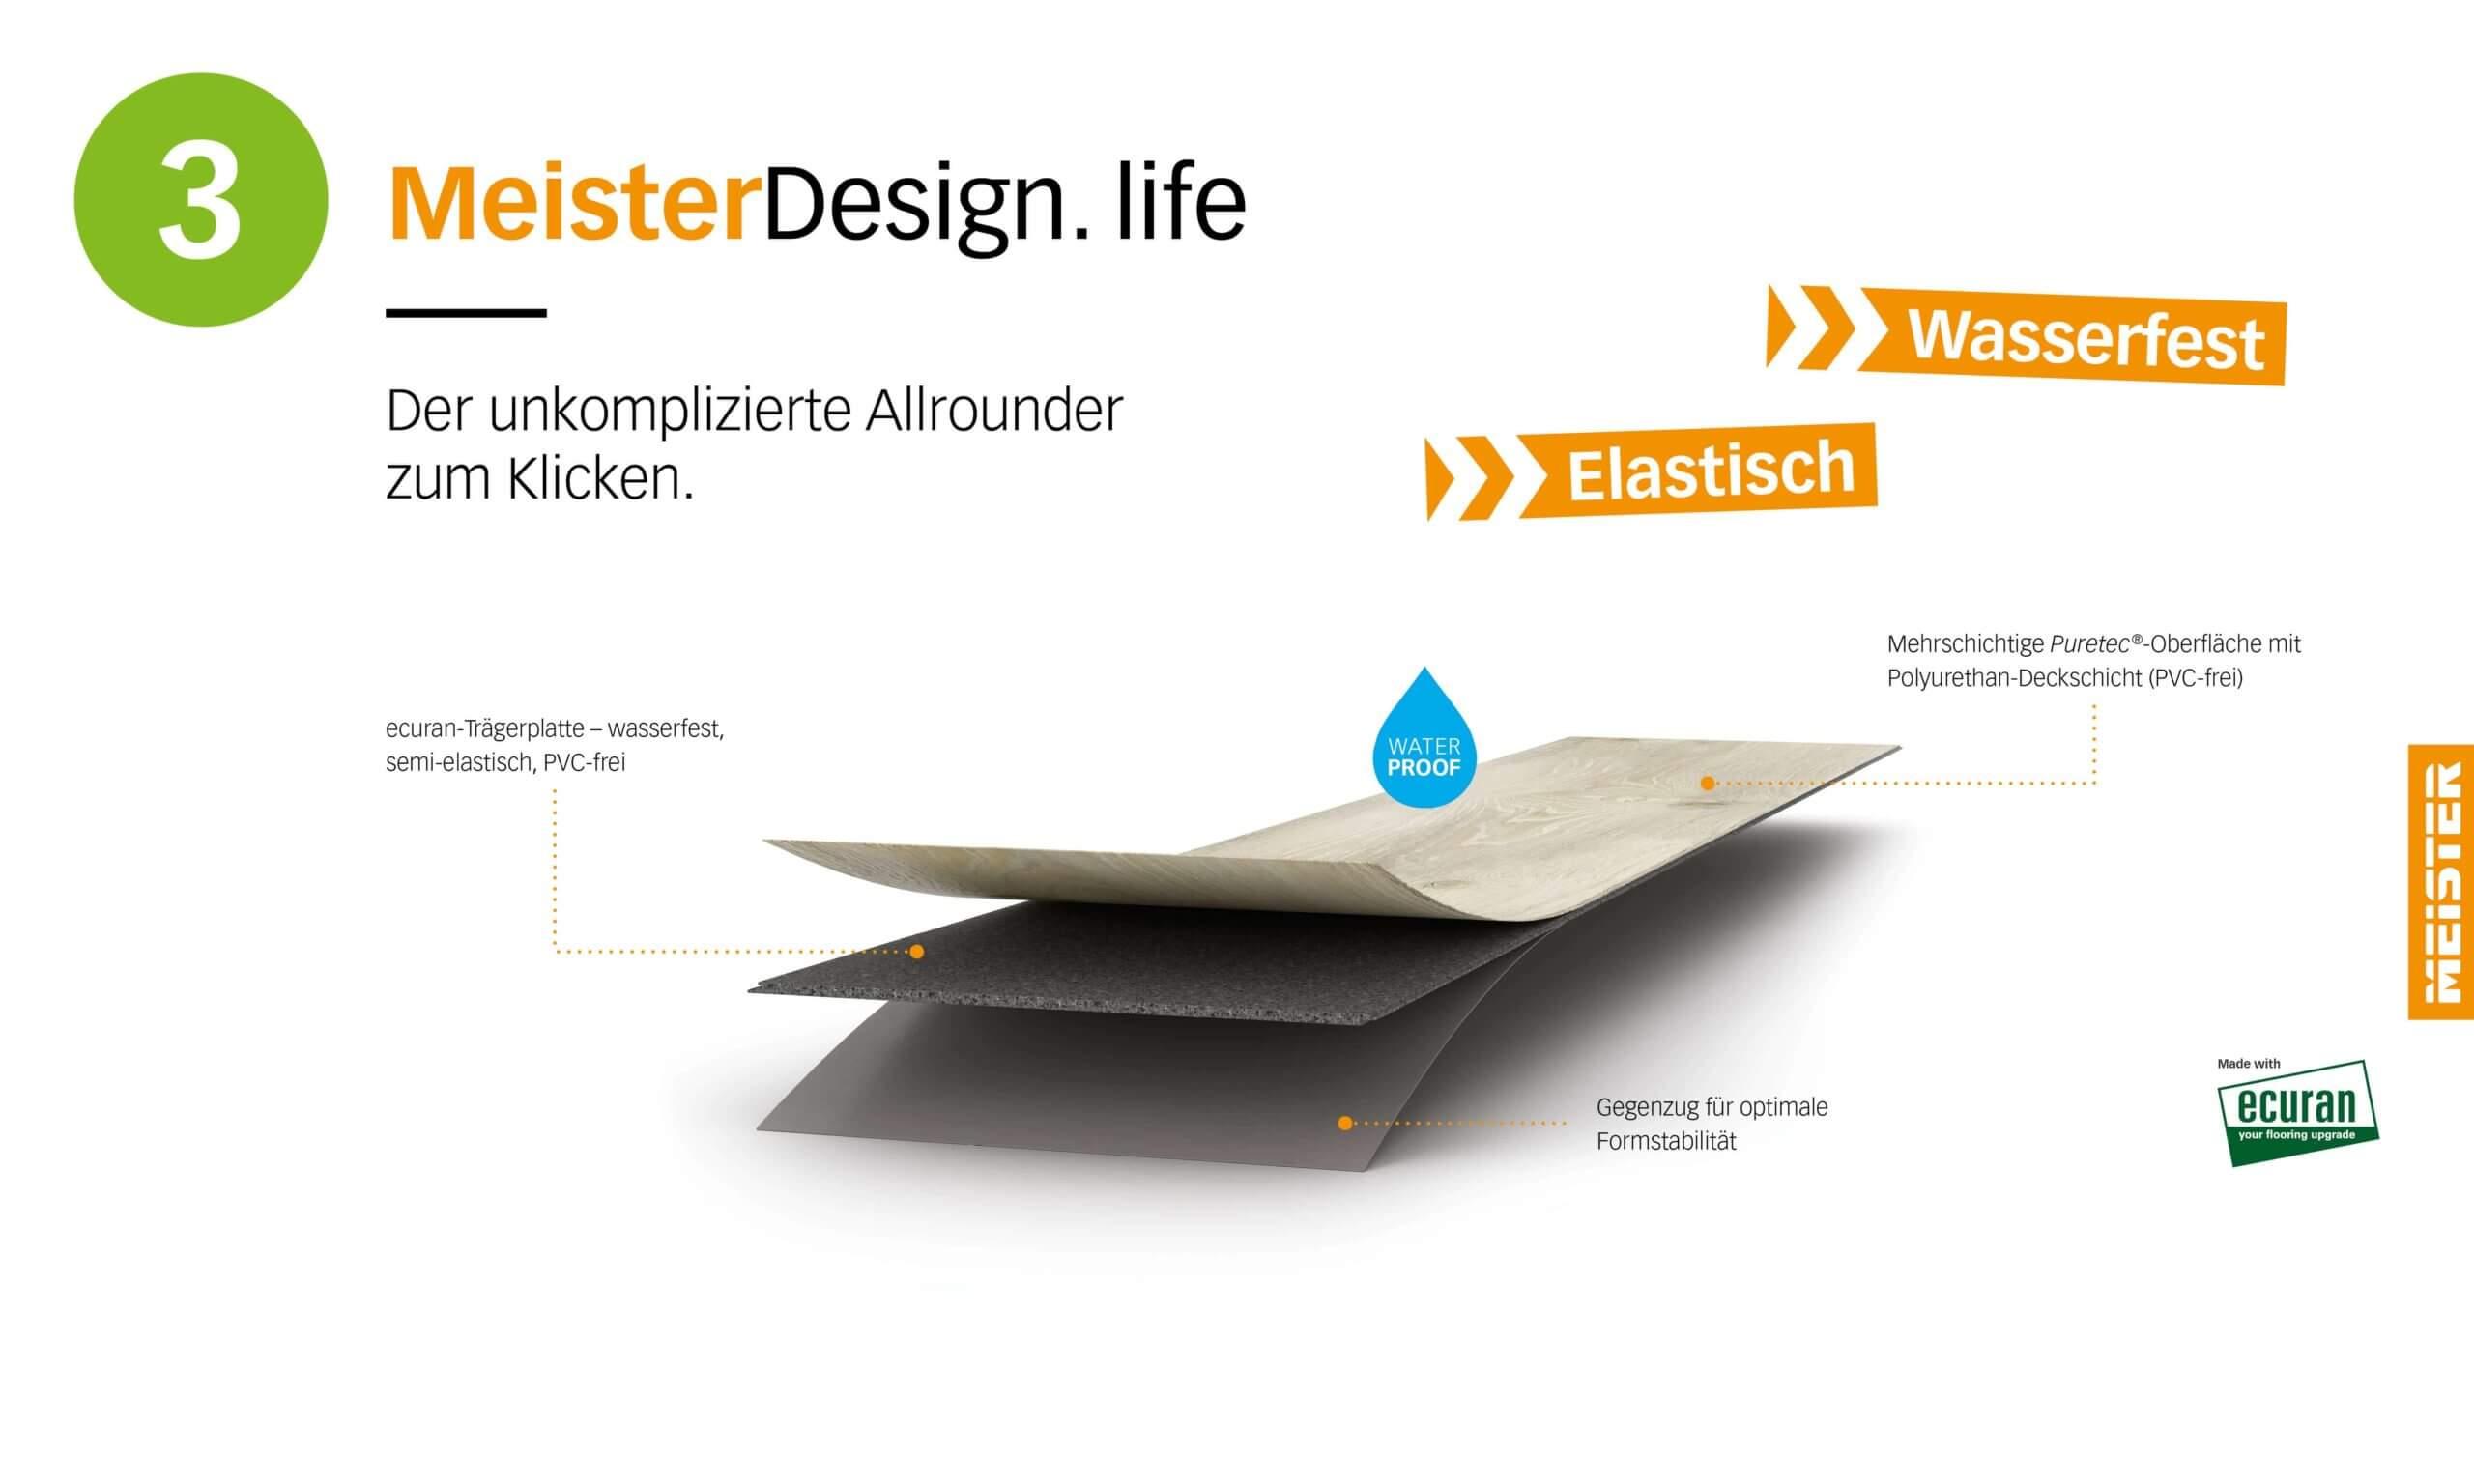 MeisterDesign_life_Produktaufbauten